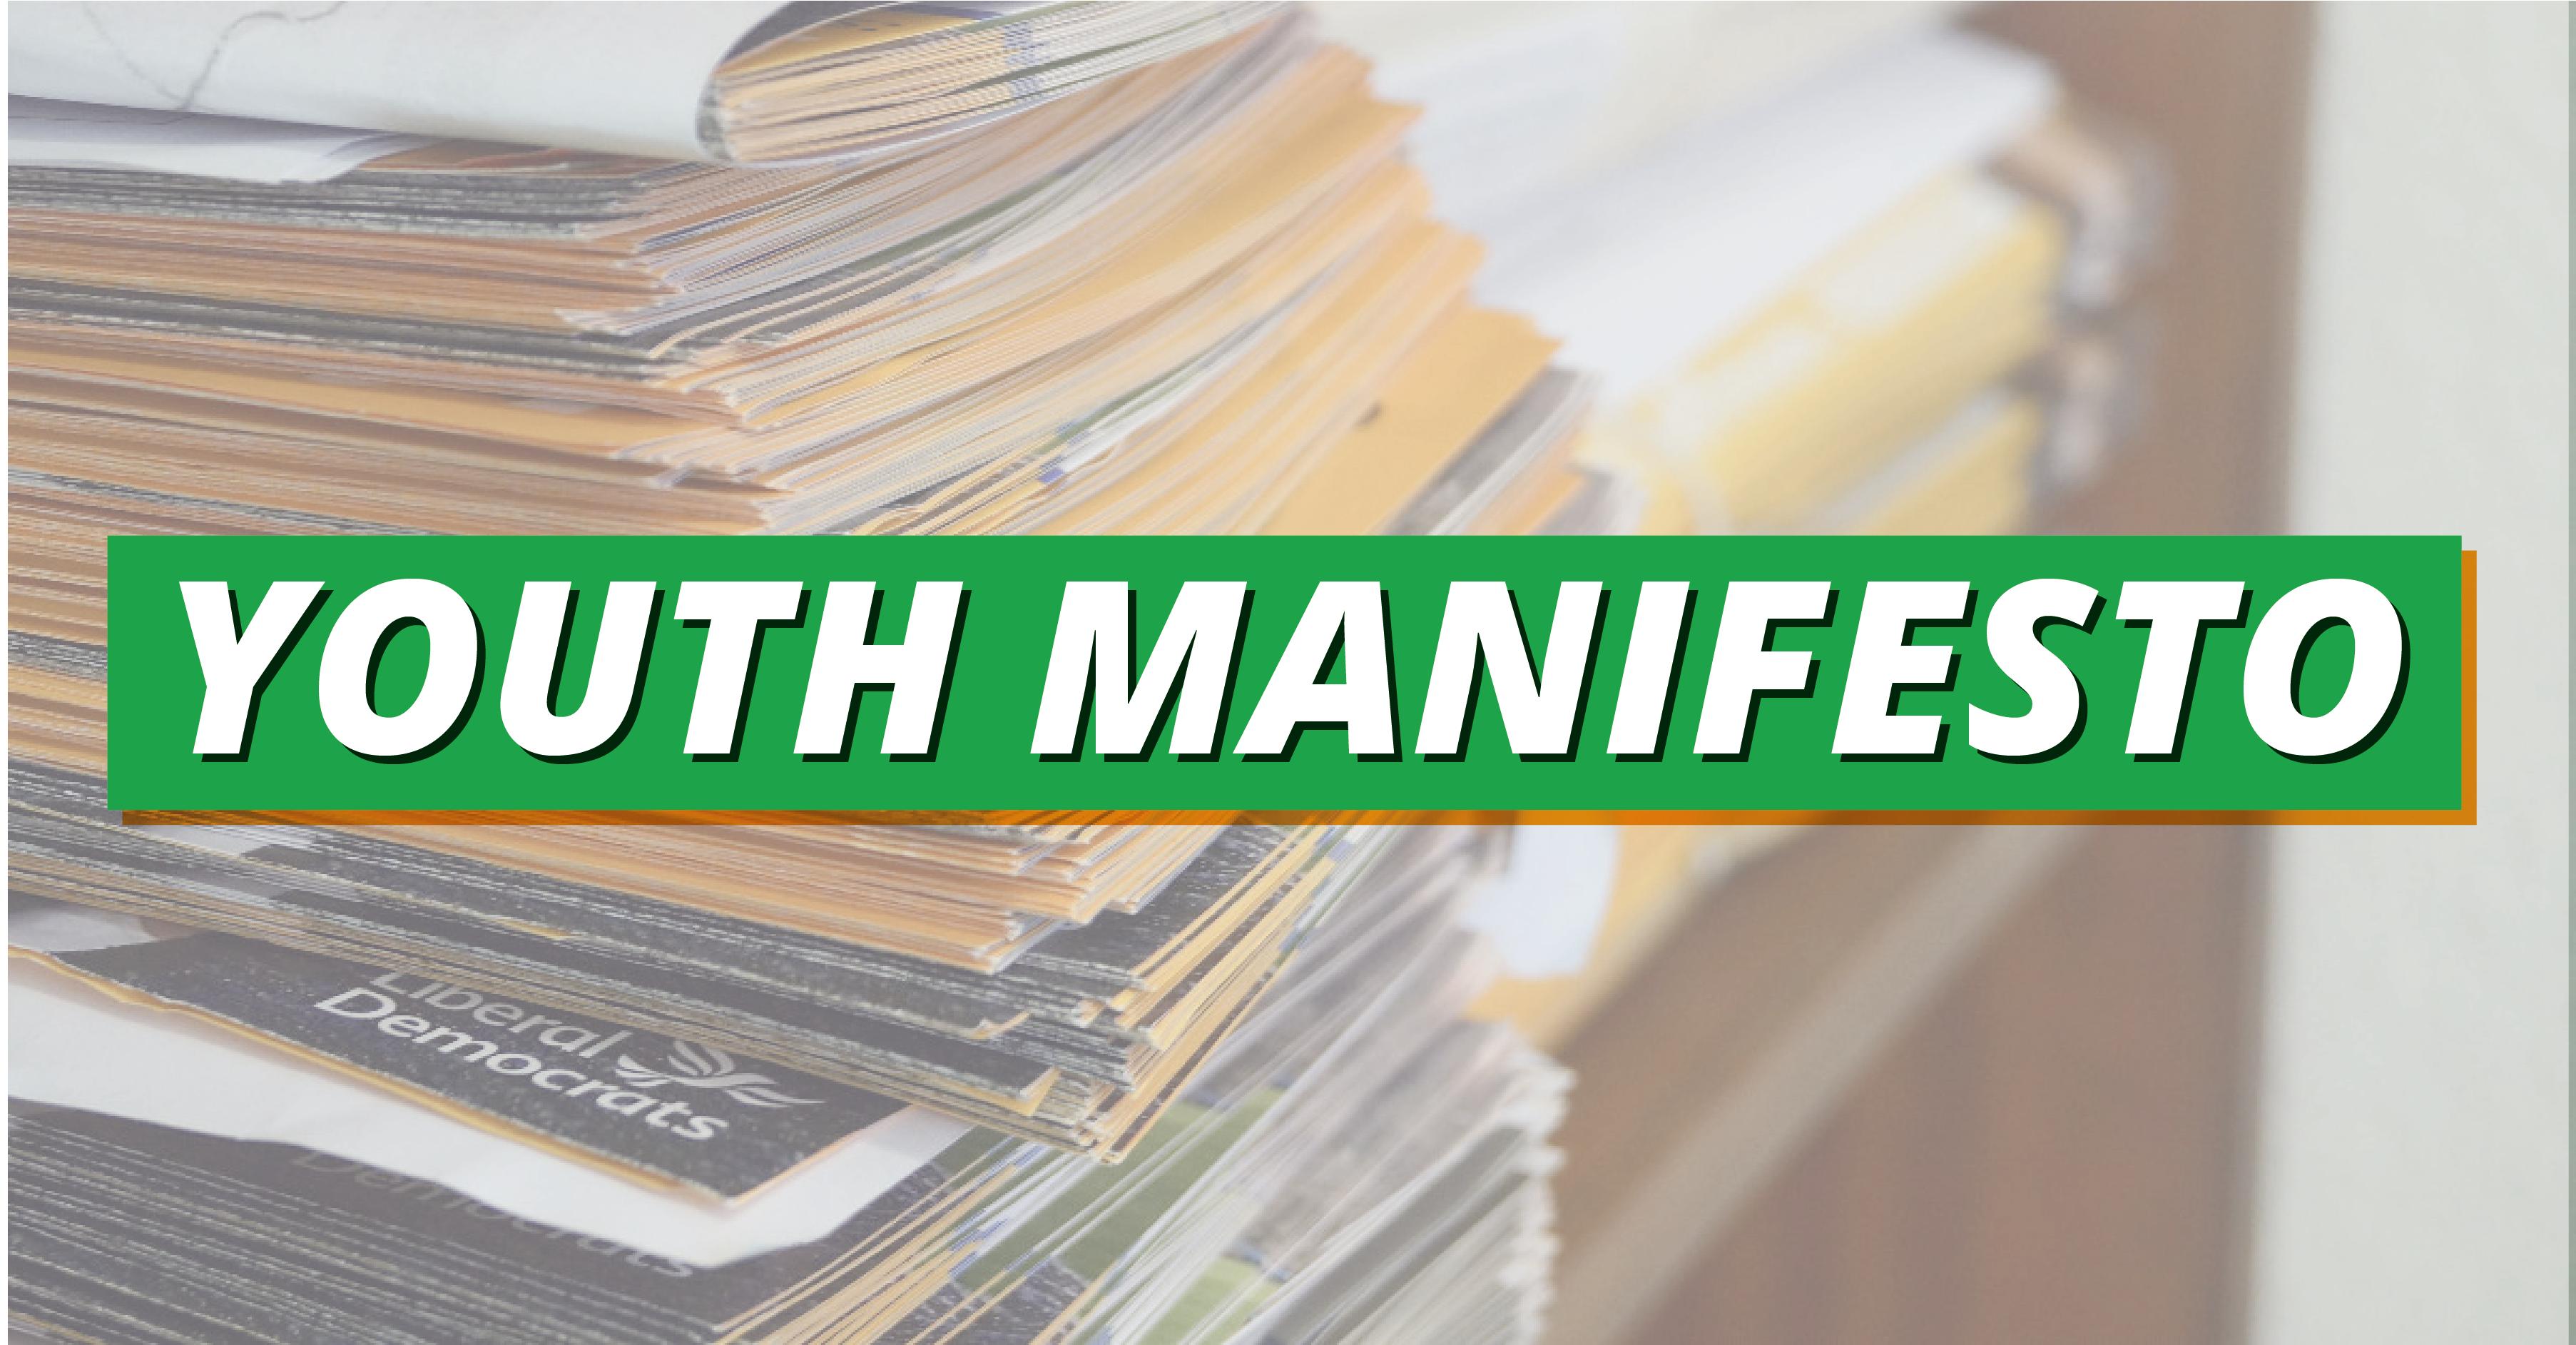 2021 Youth Manifesto